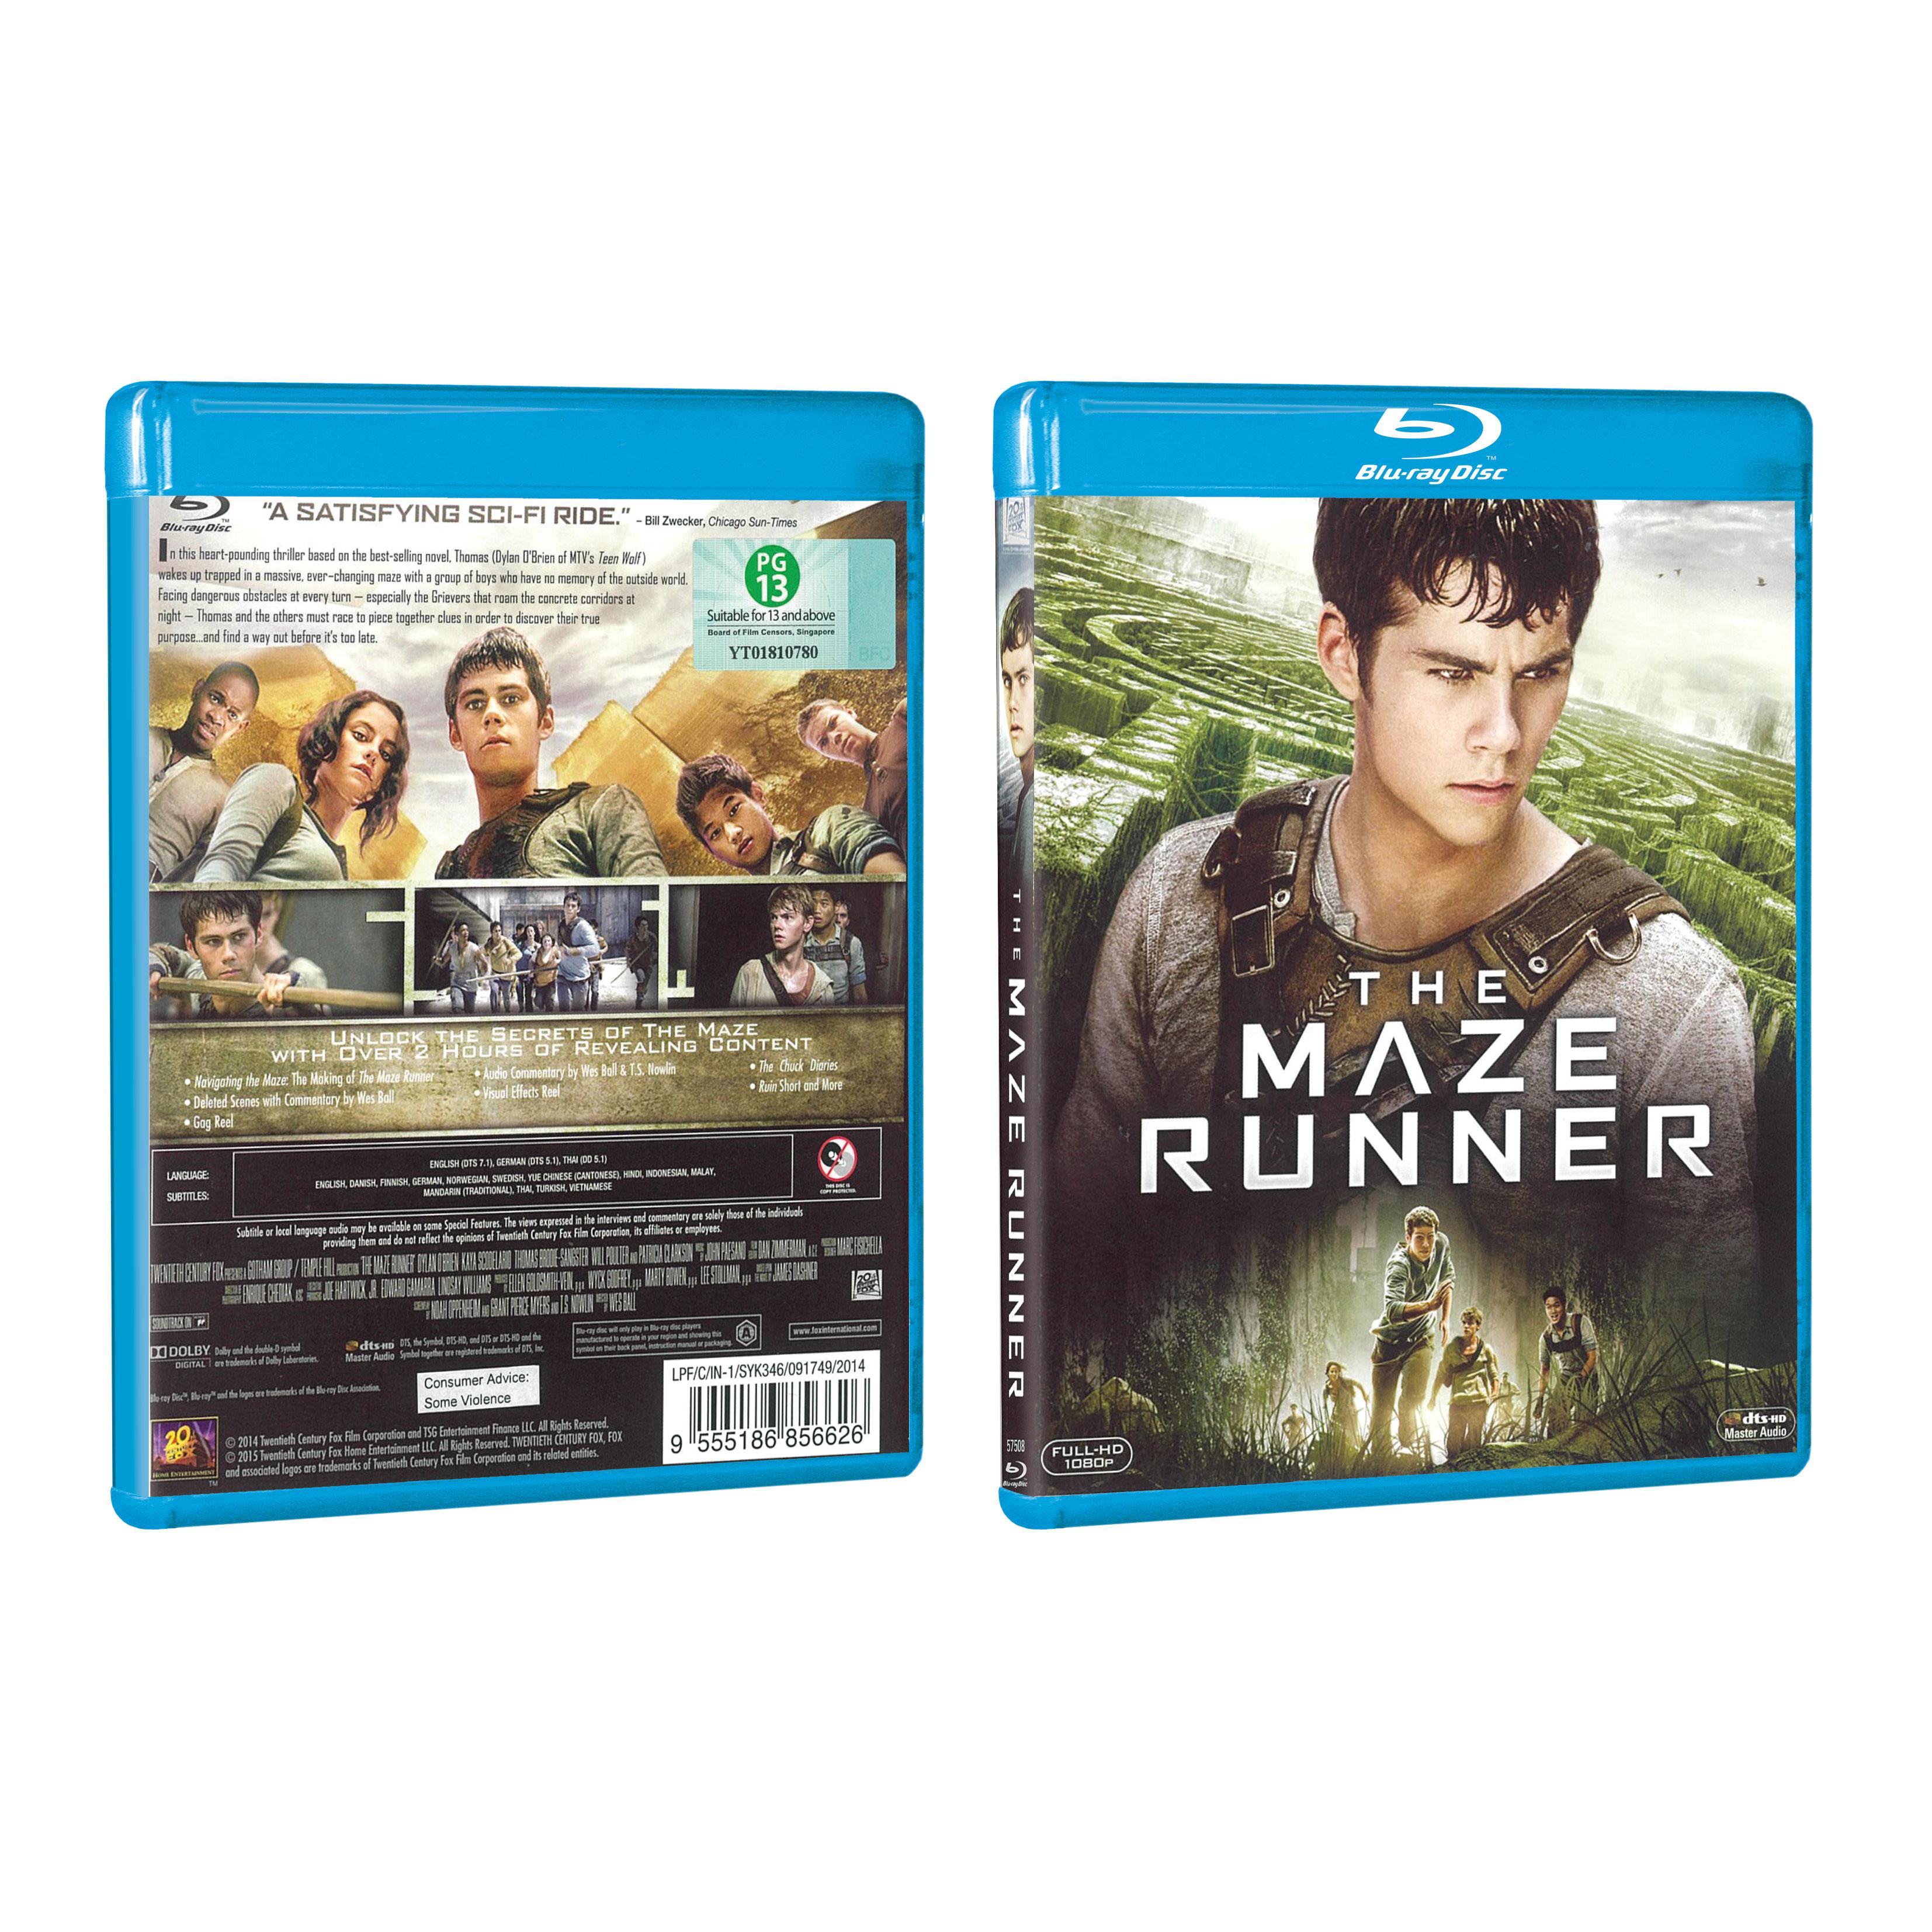 The Maze Runner (Blu-ray)